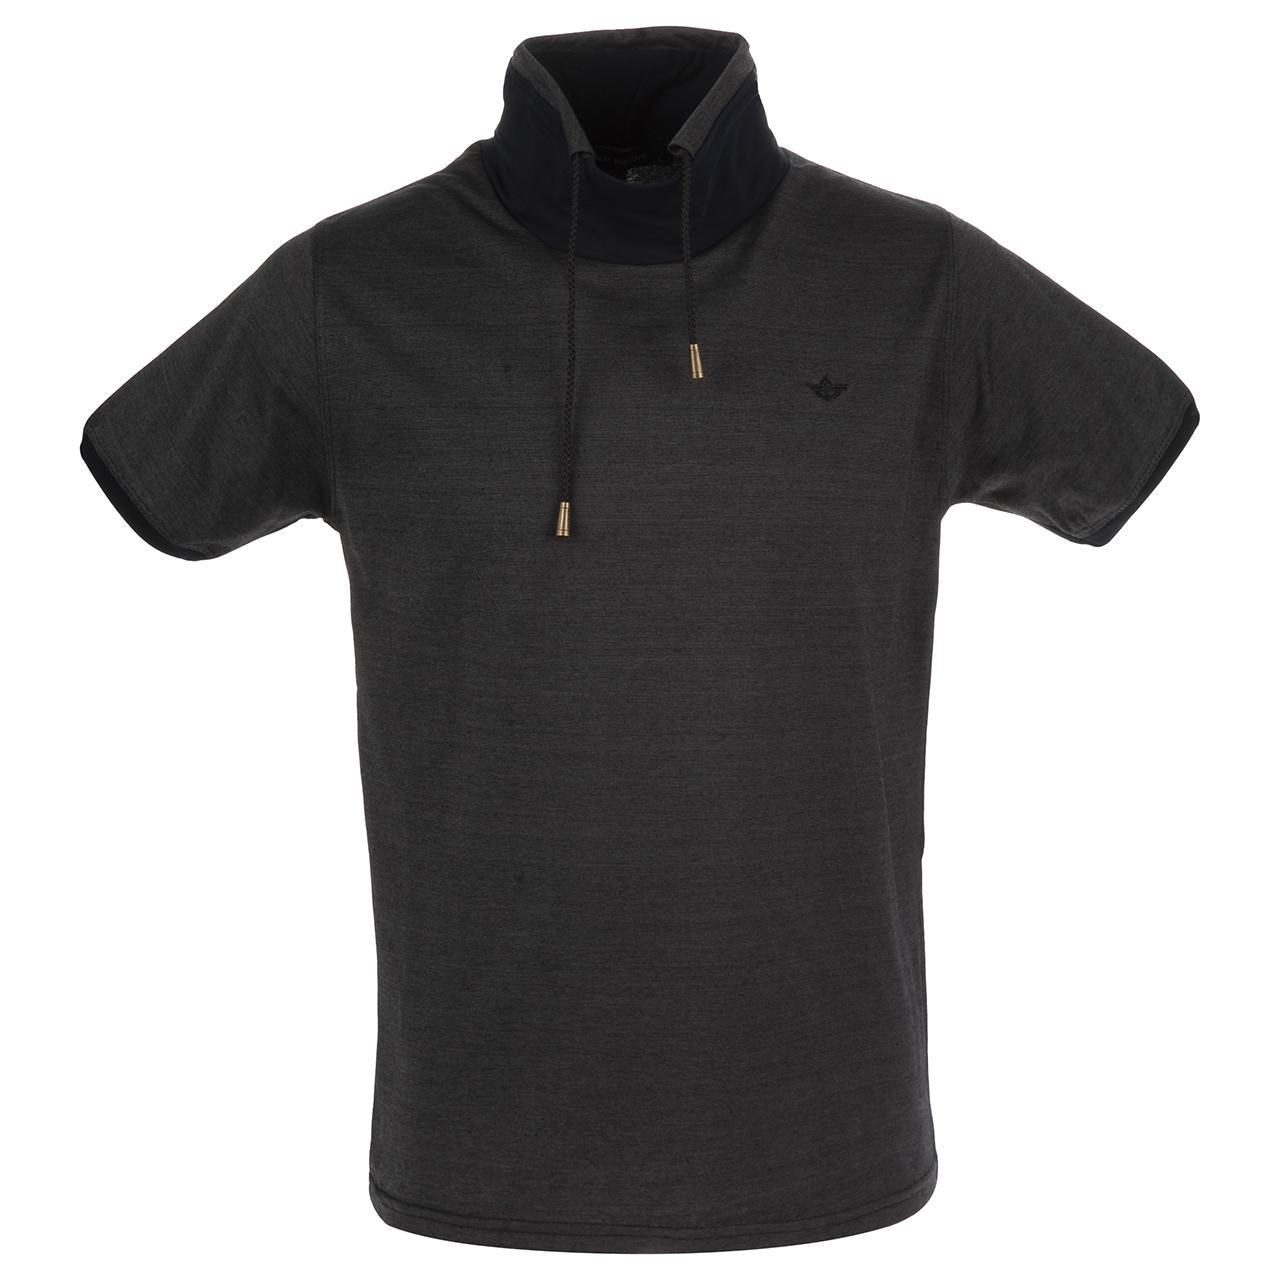 تی شرت آستین کوتاه مردانه تارکان کد 285-2